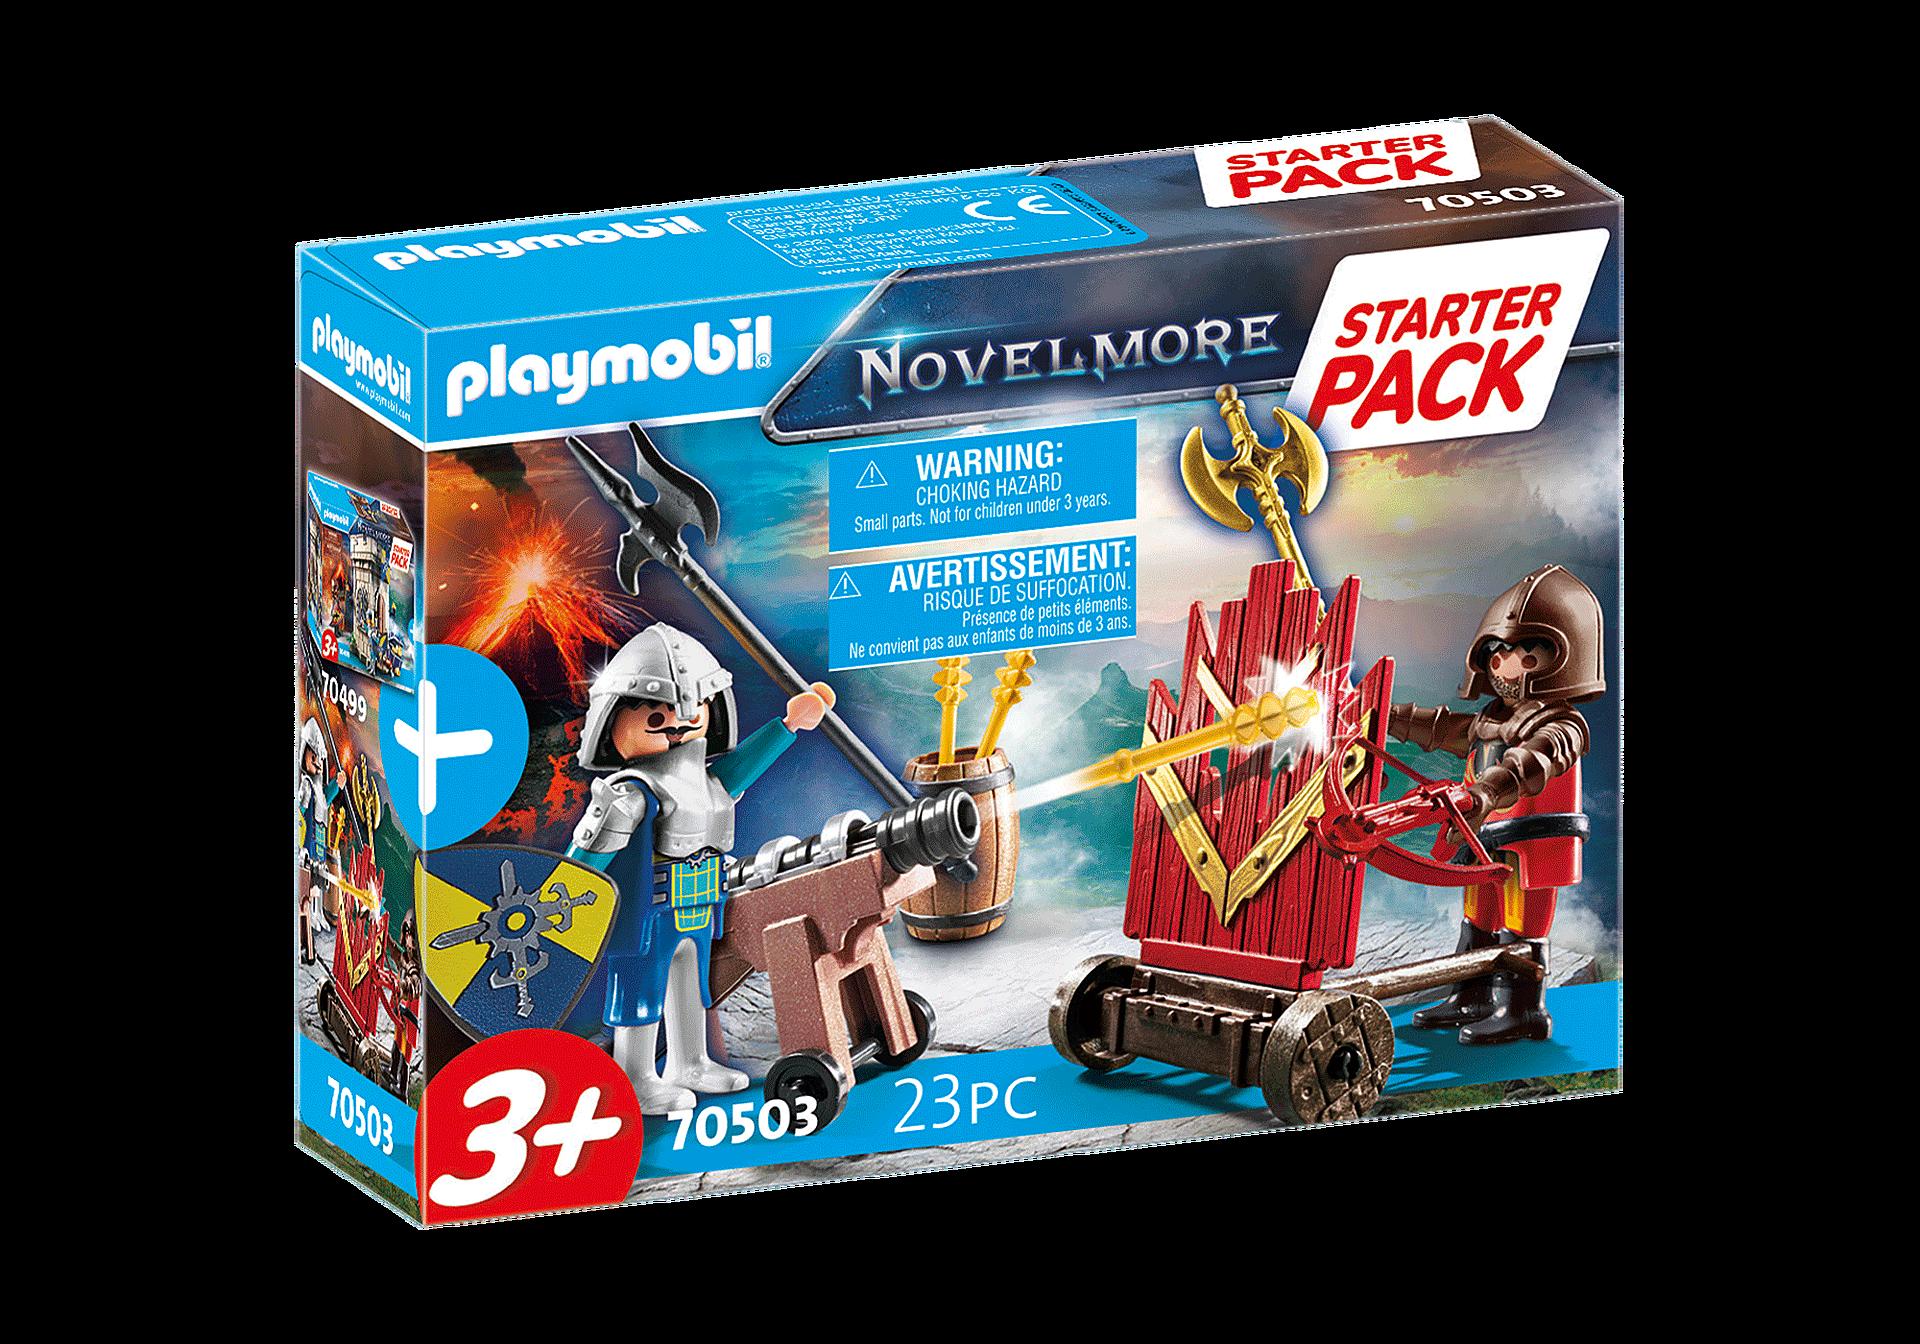 70503 Startpaket Novelmore kompletteringsset zoom image2